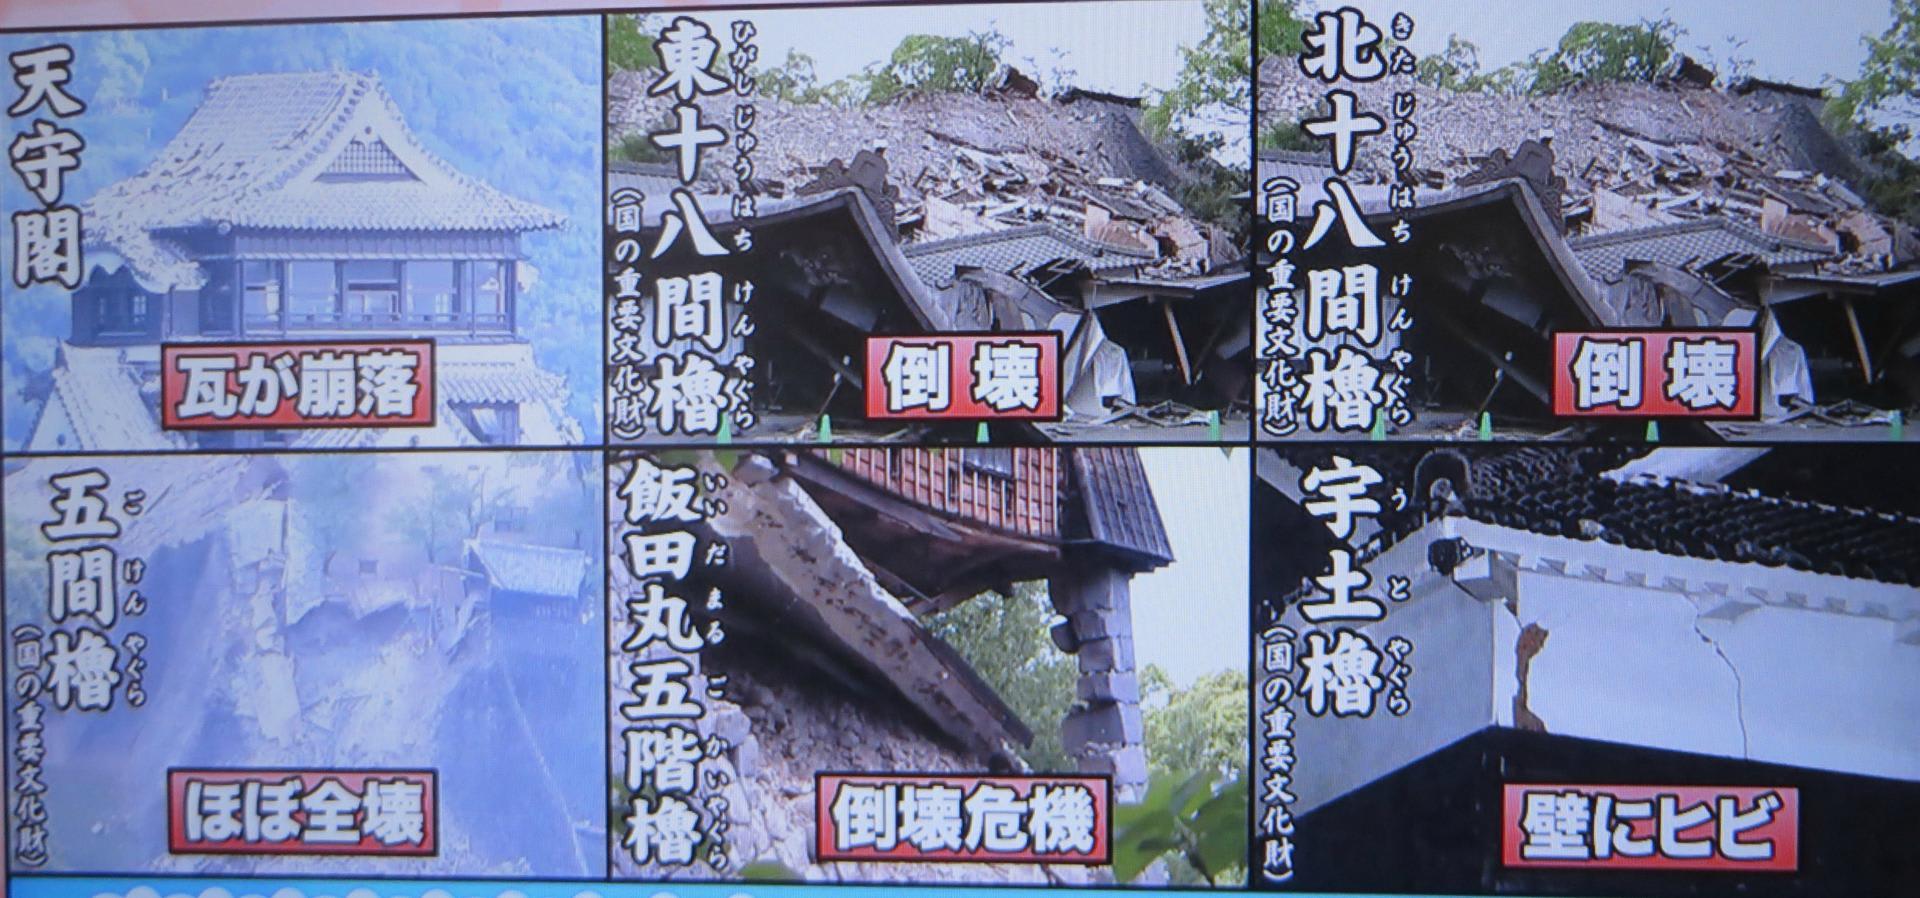 前震 東日本 大震災